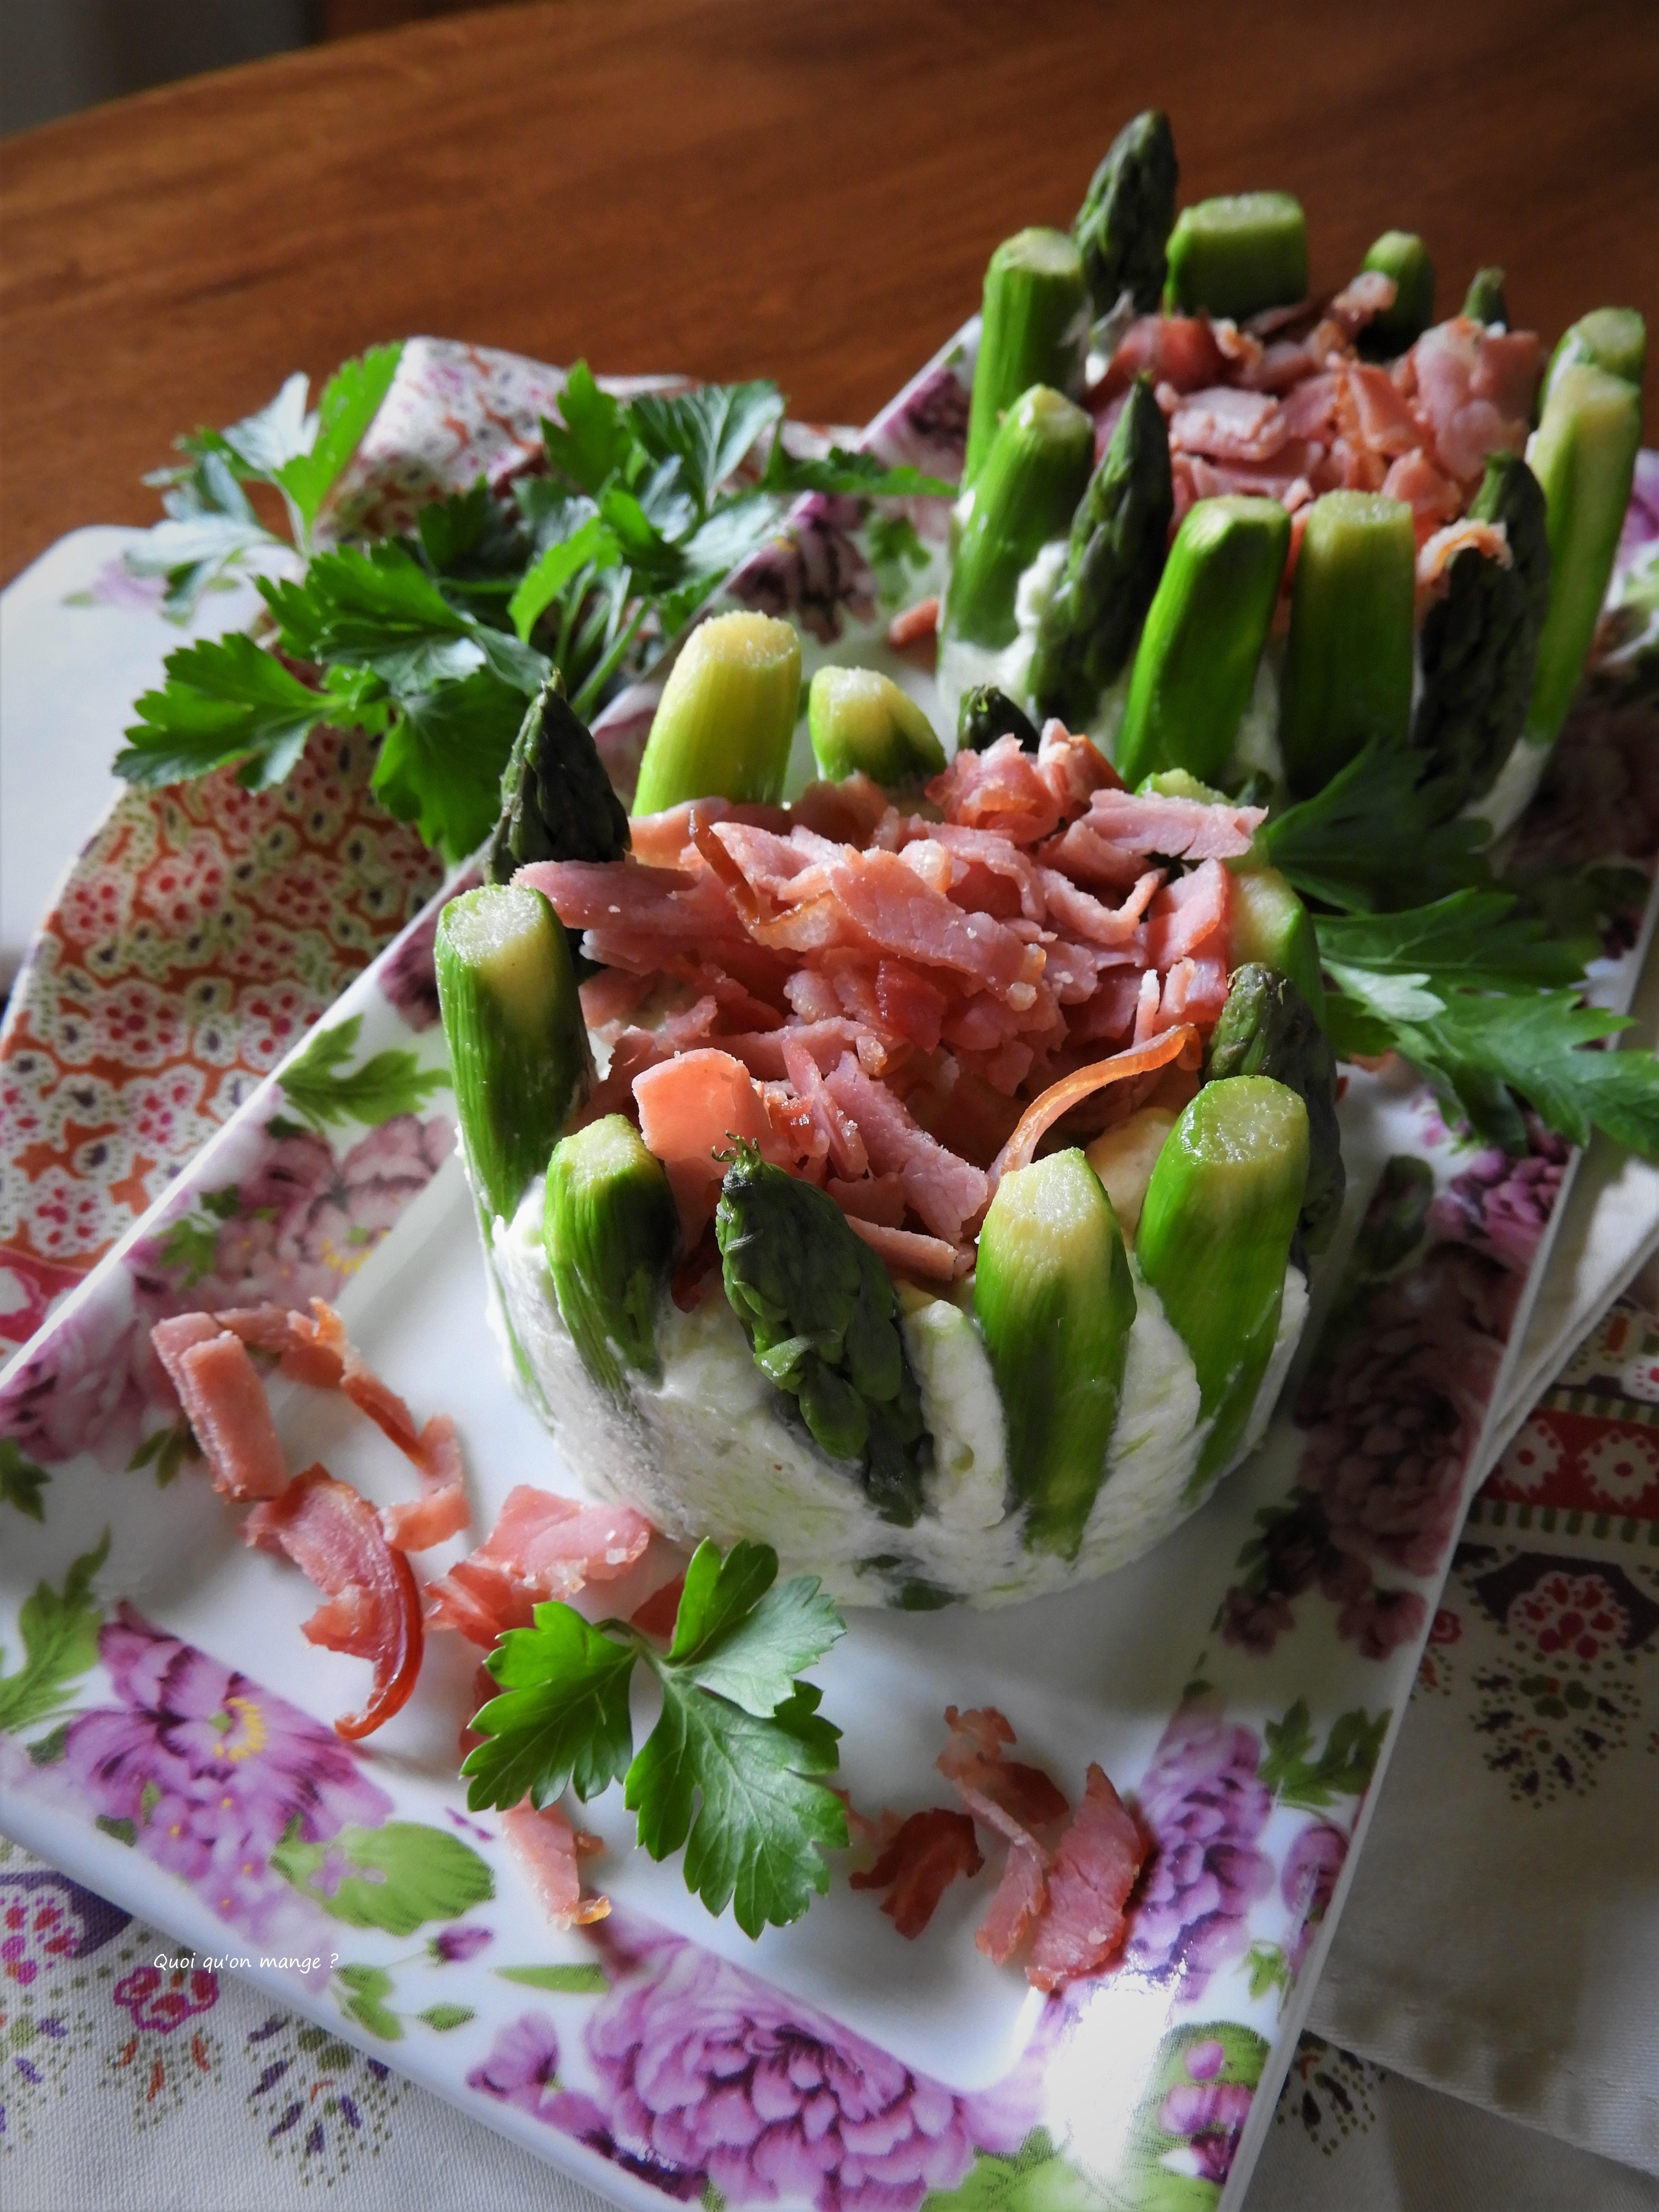 Charlotte d'asperges vertes au bacon grillé